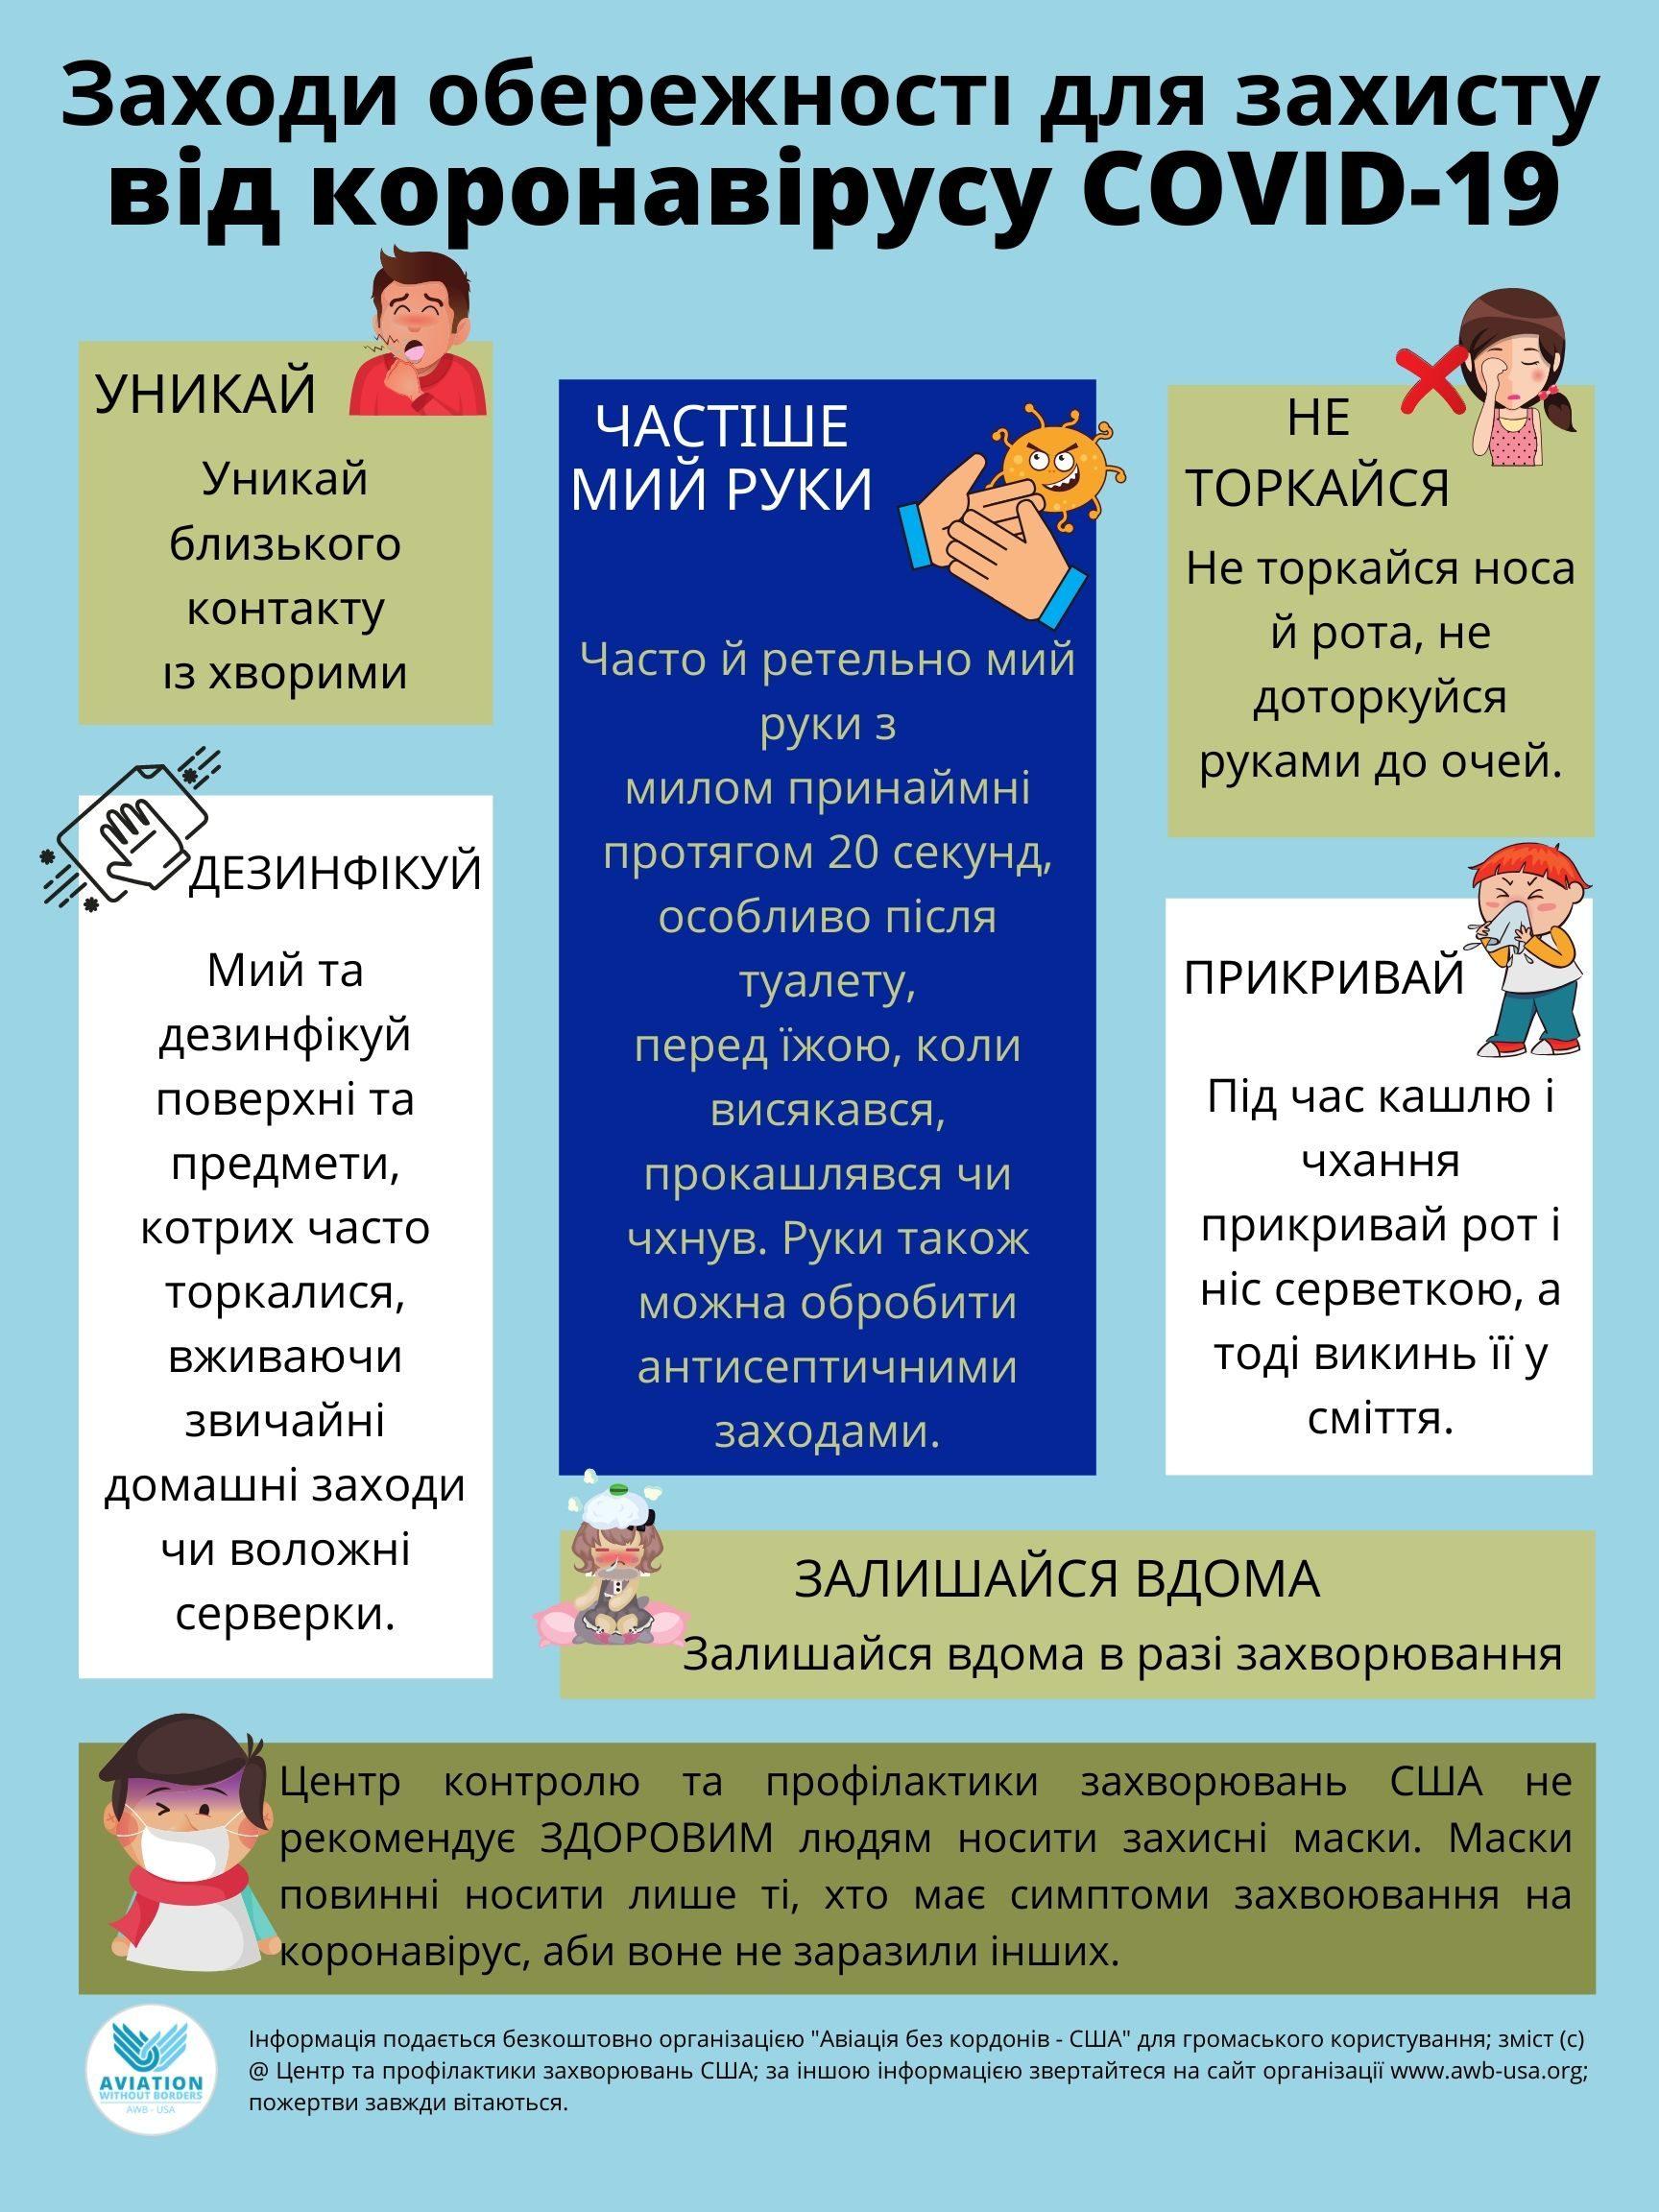 Ukranian 4